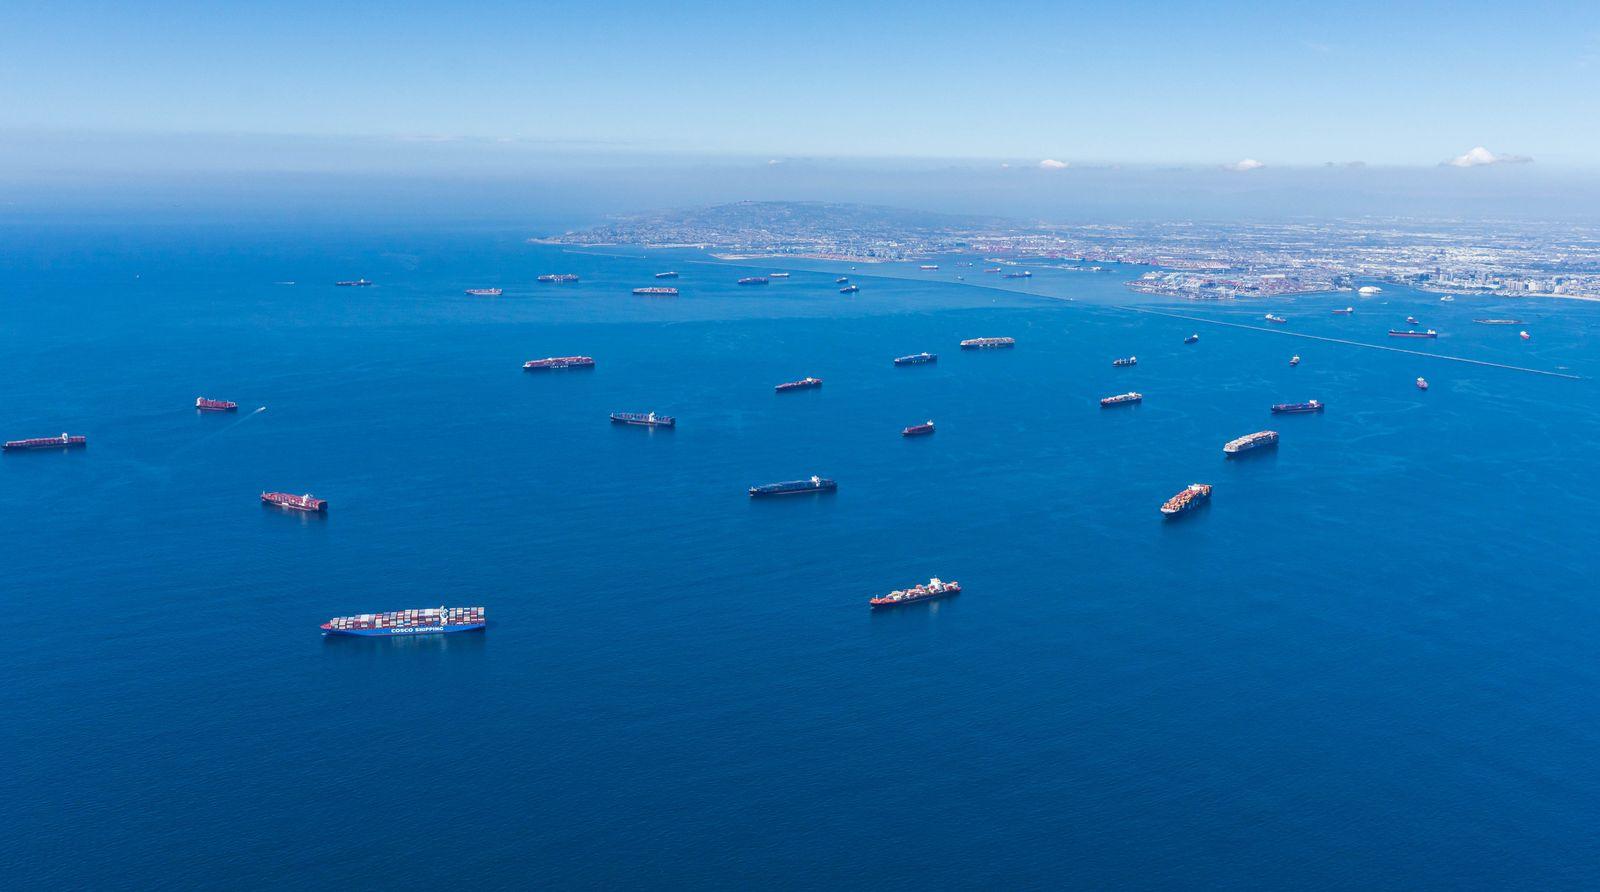 Der Hafen von Los Angeles geht in Rund-Um-Die-Uhr-Betrieb über